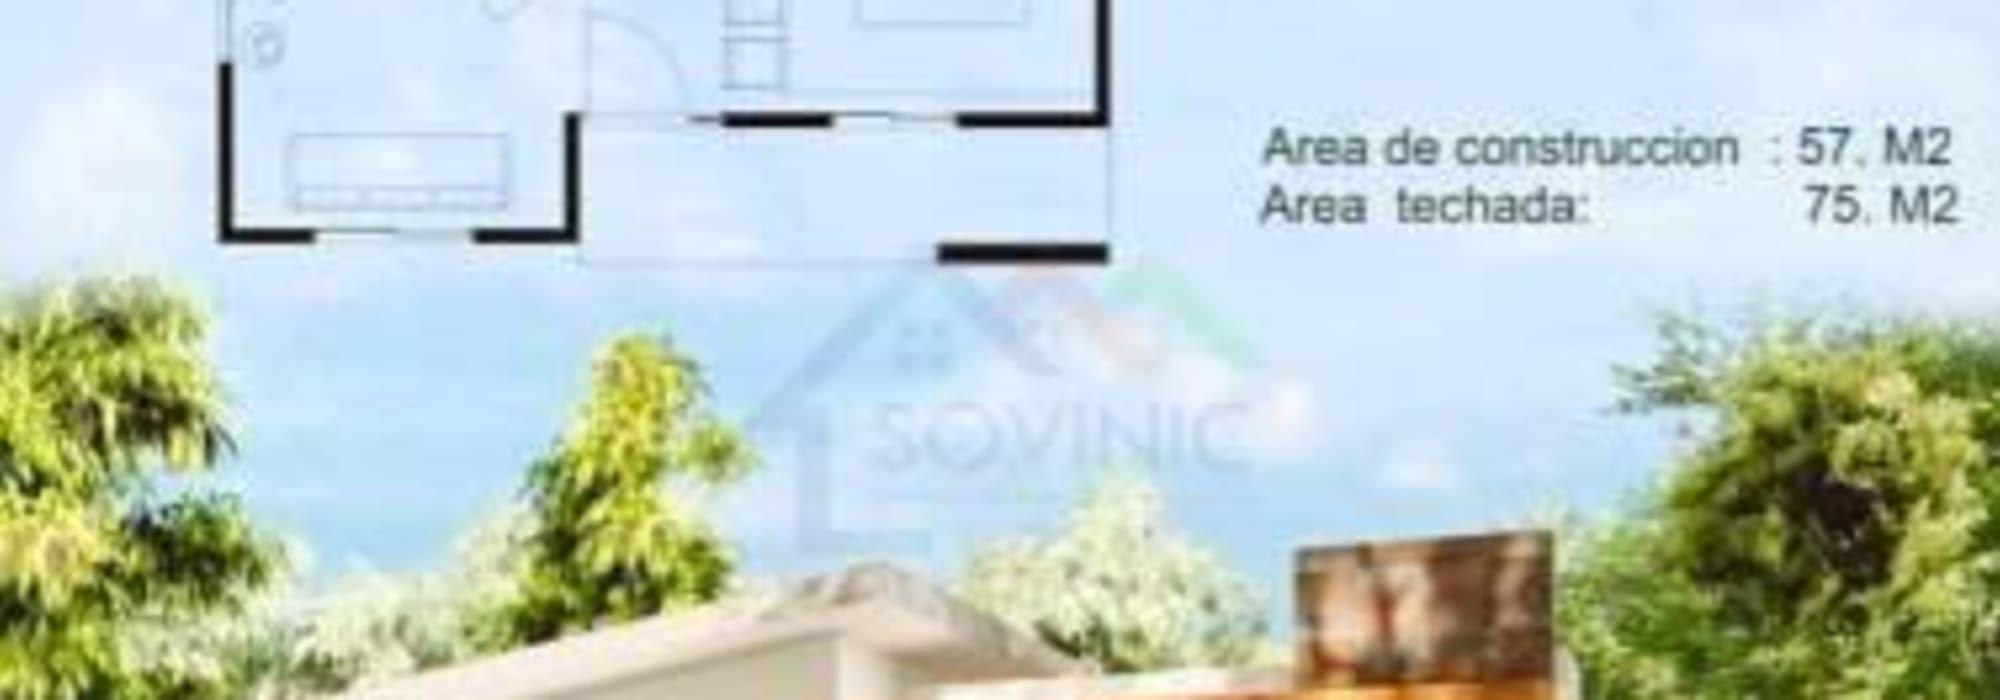 Construye tu casa en tu terreno